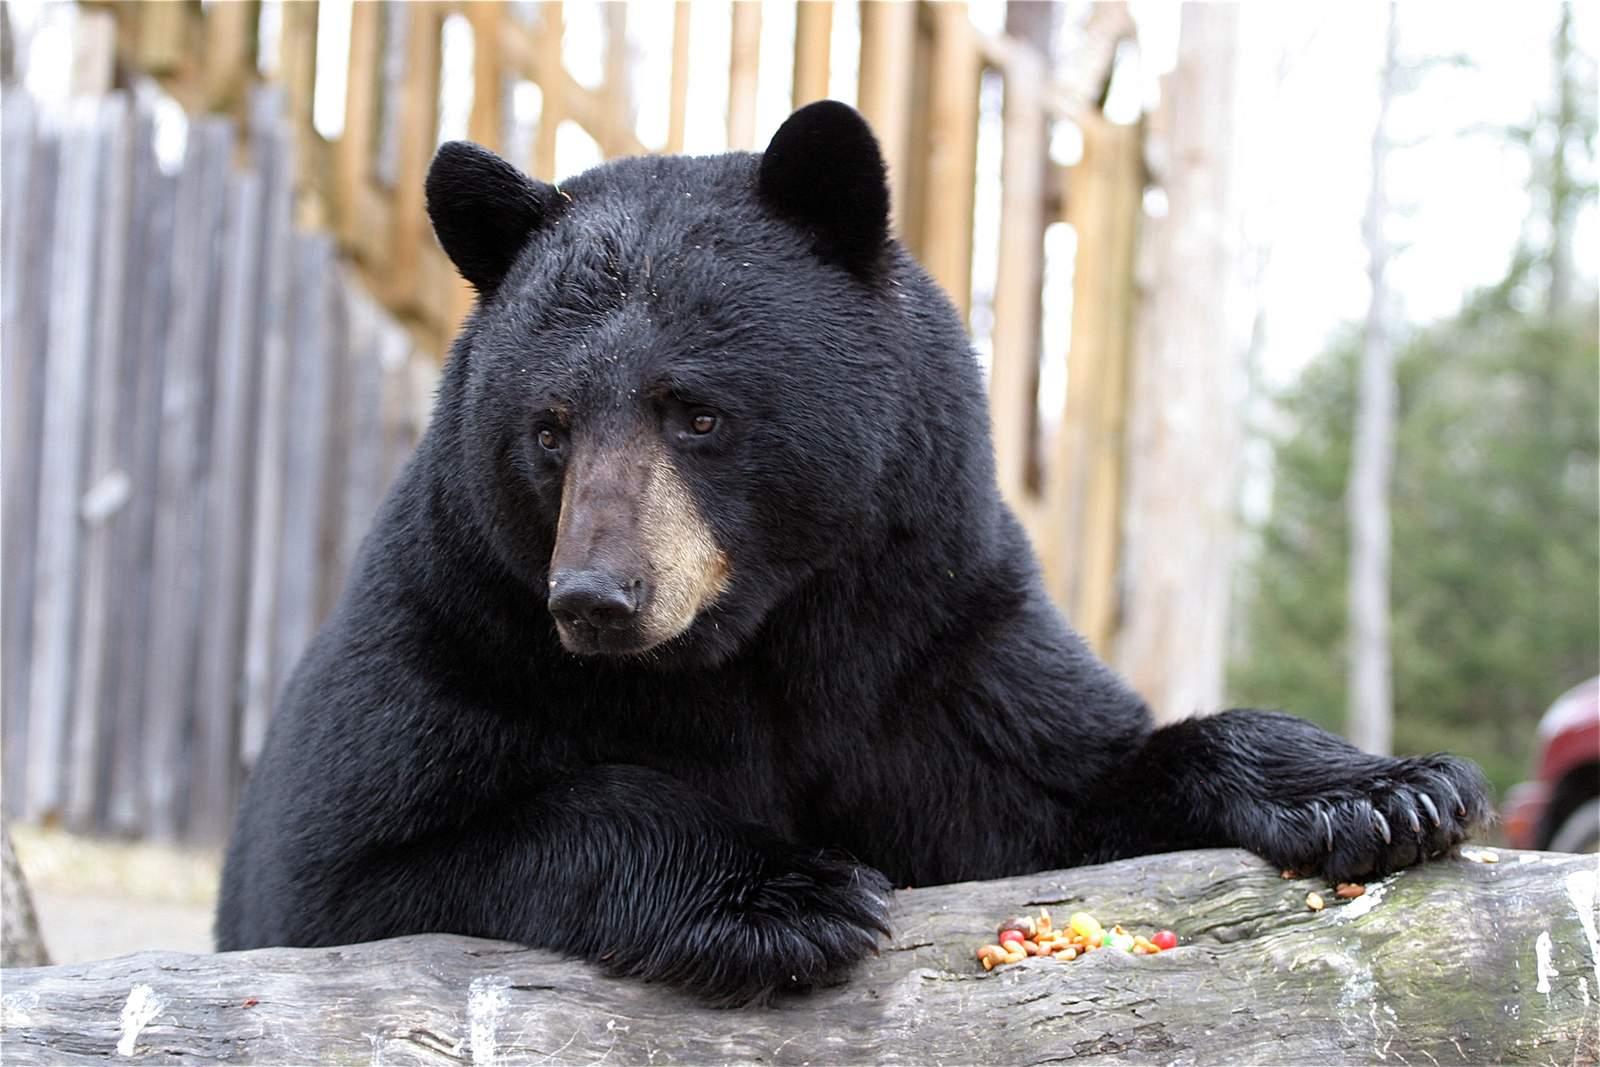 """Little Big Bear Safari Bärenbeobachtung, ausgewachsener Bär """"Charlo"""""""